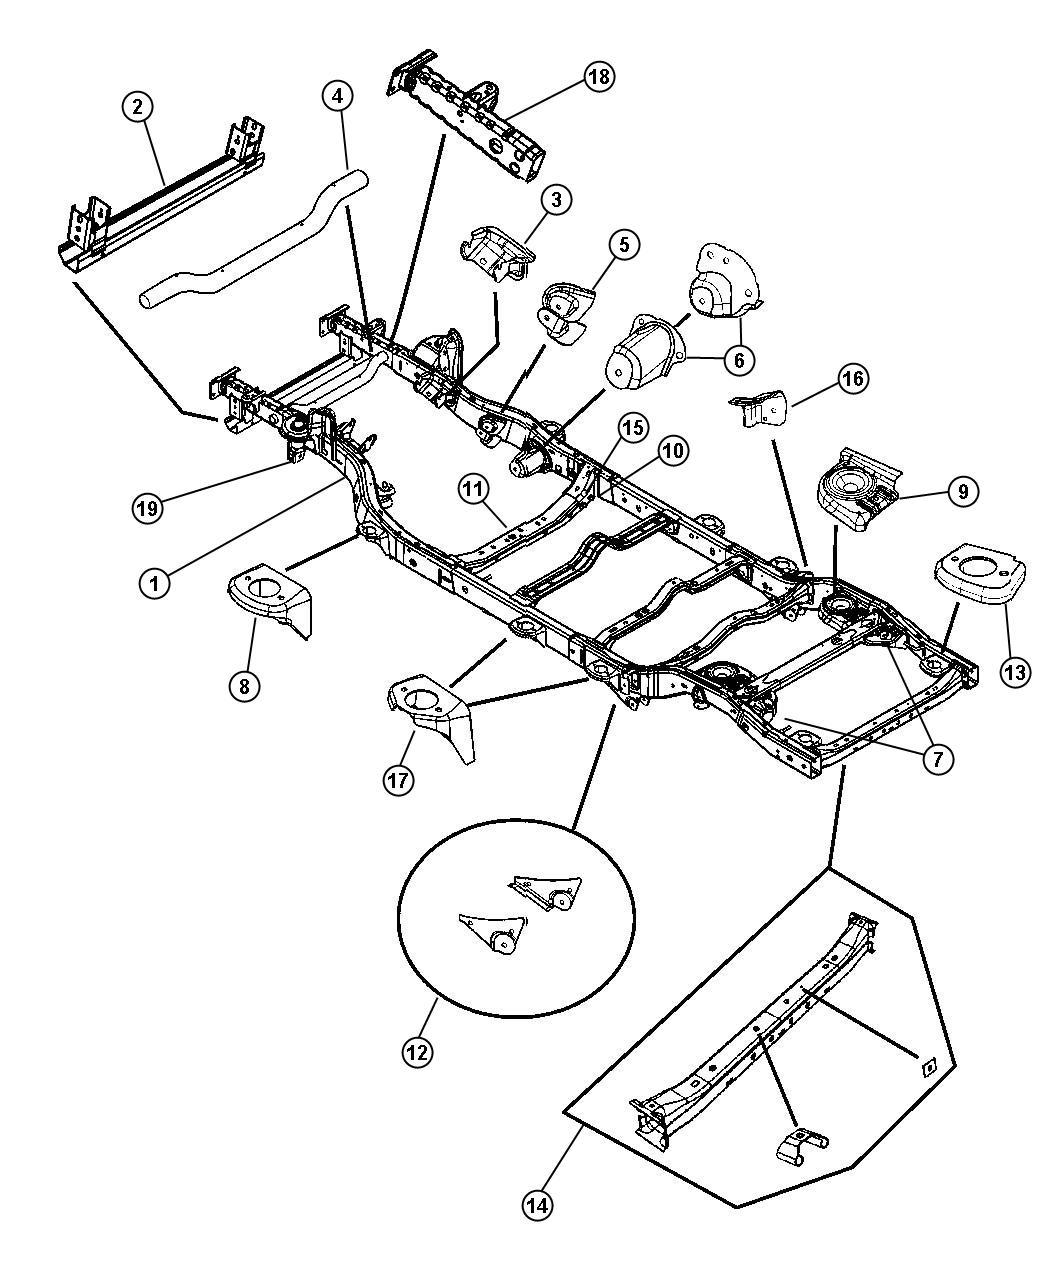 tags: #1998 pontiac bonneville engine diagram#1998 chevy lumina cooling  system diagrams#1998 chevy lumina cooling system#1998 chevy lumina engine